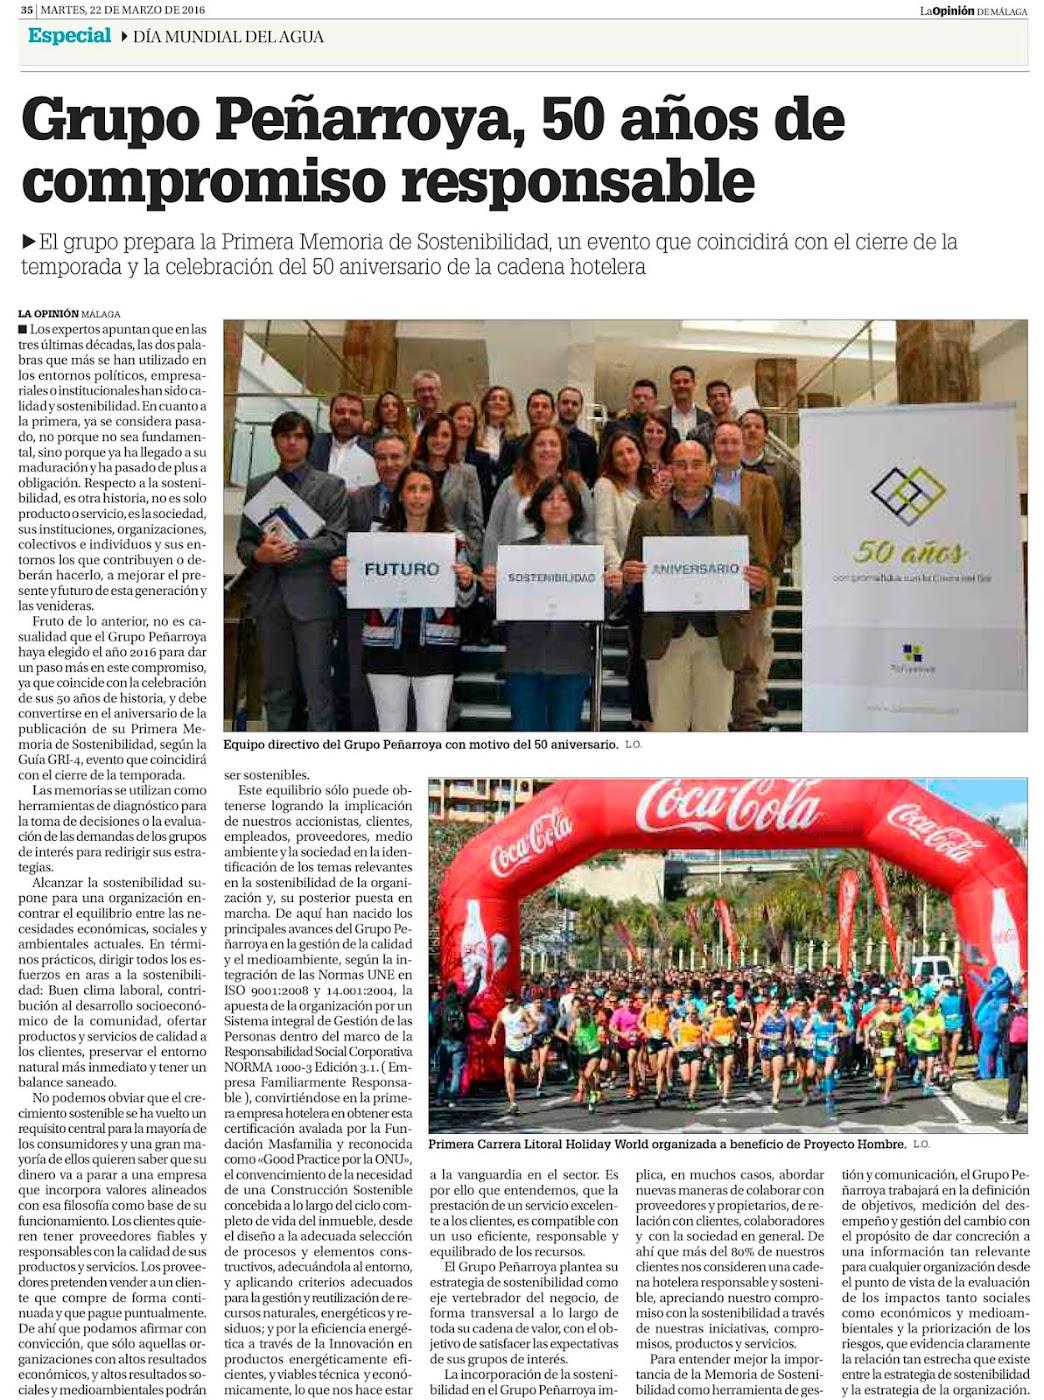 Opinion de Malaga especial RSC